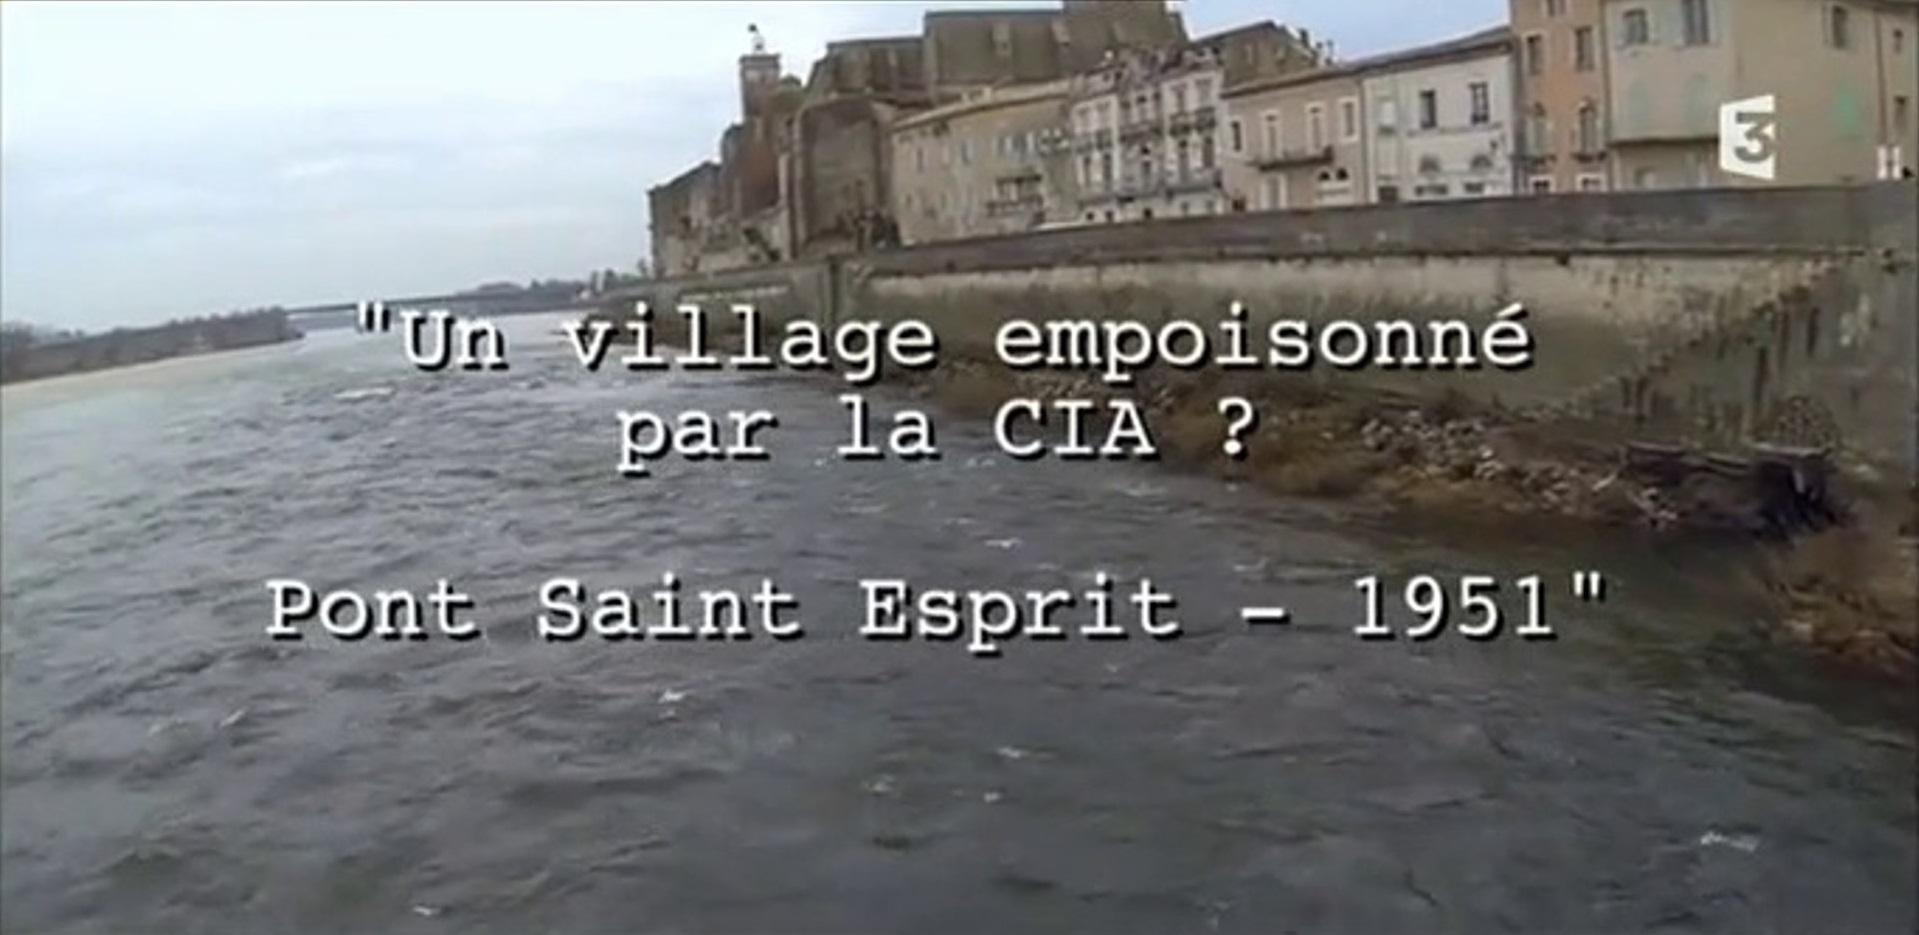 Projet MK NAOMI : La CIA empoisonne le village français Pont-Saint-Esprit au LSD?